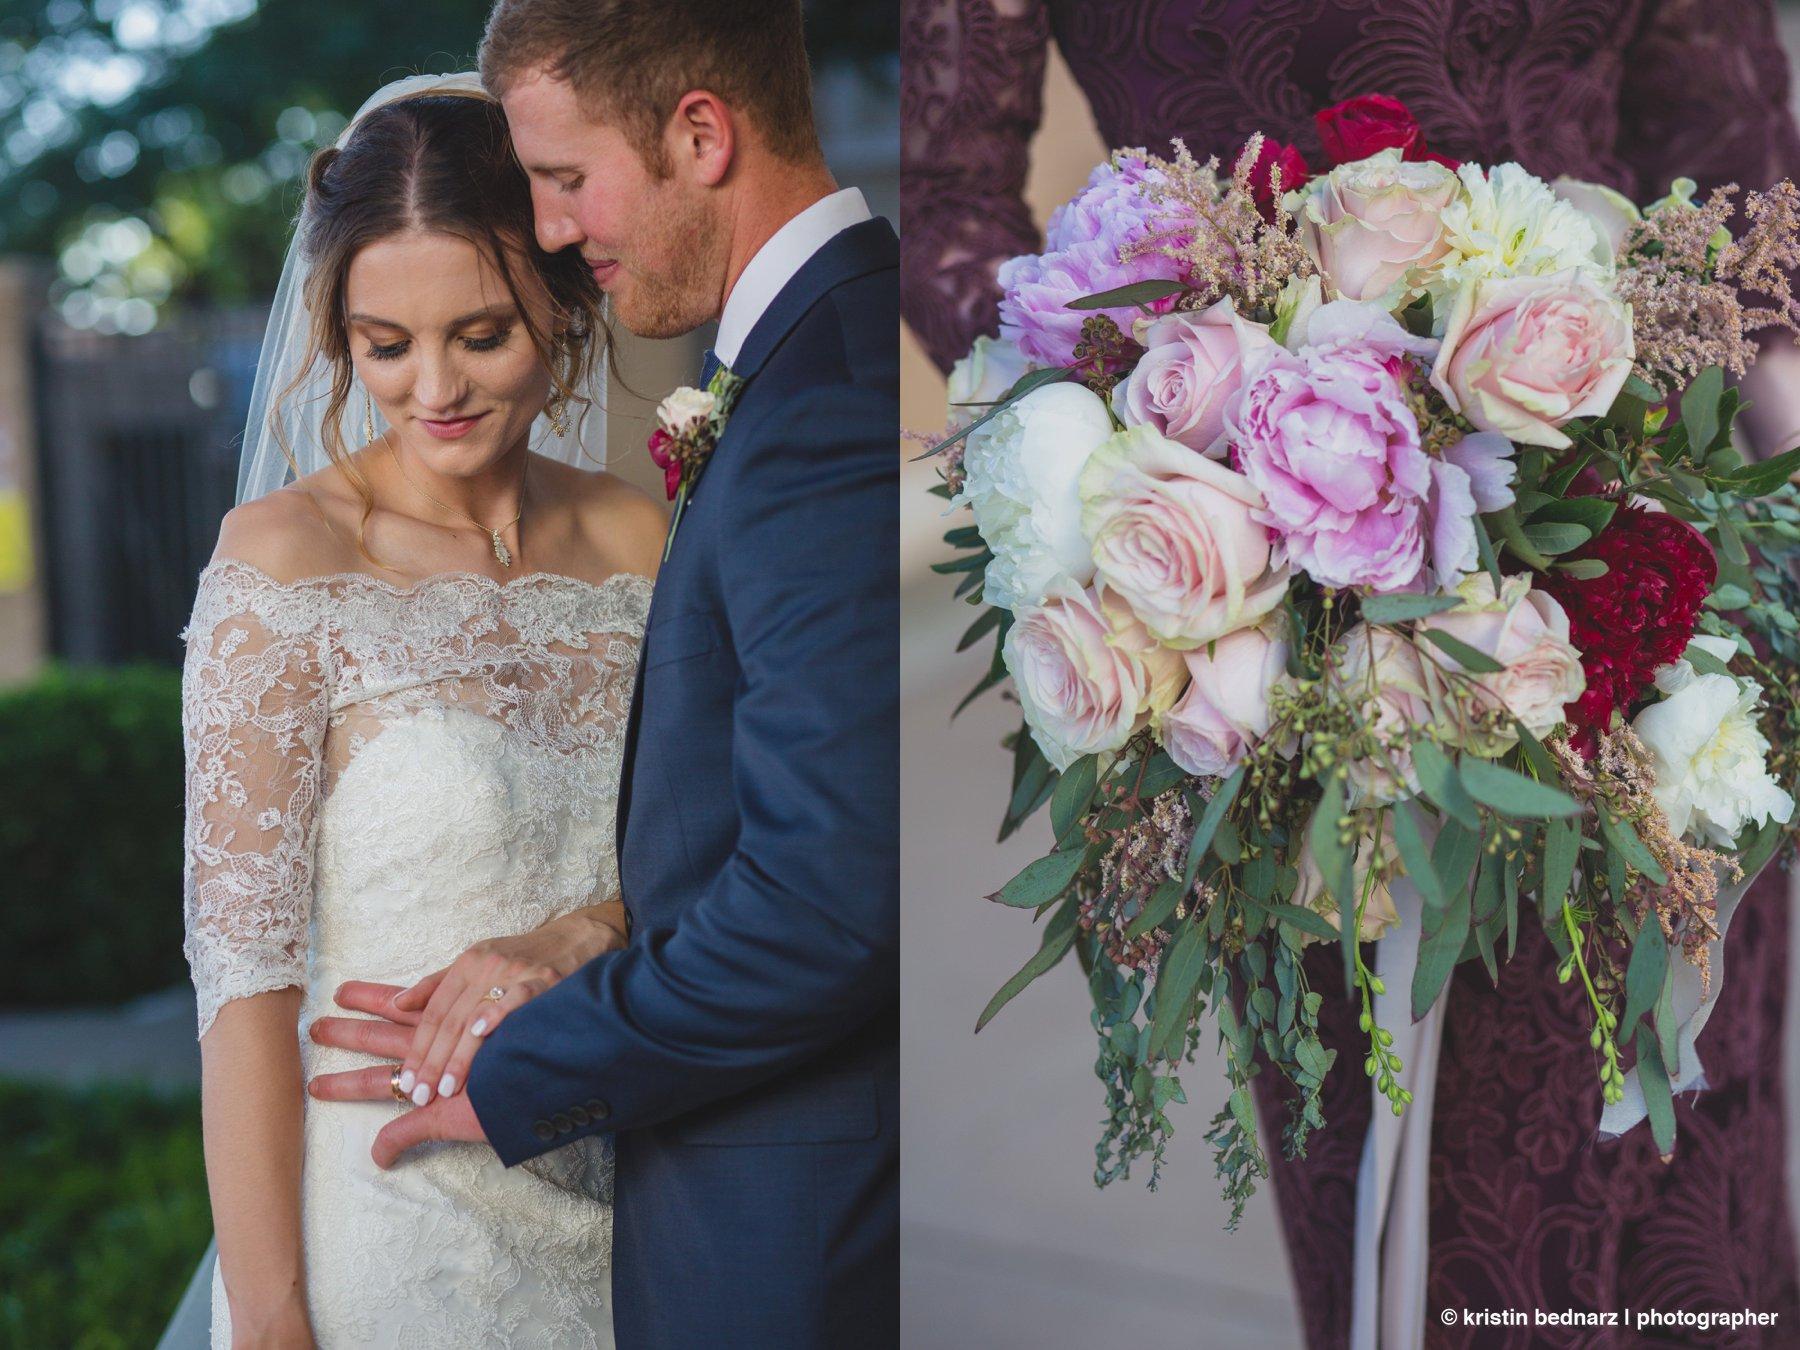 Krisitin_Bednarz_Lubbock_Wedding_Photographer_20180602_0073.JPG